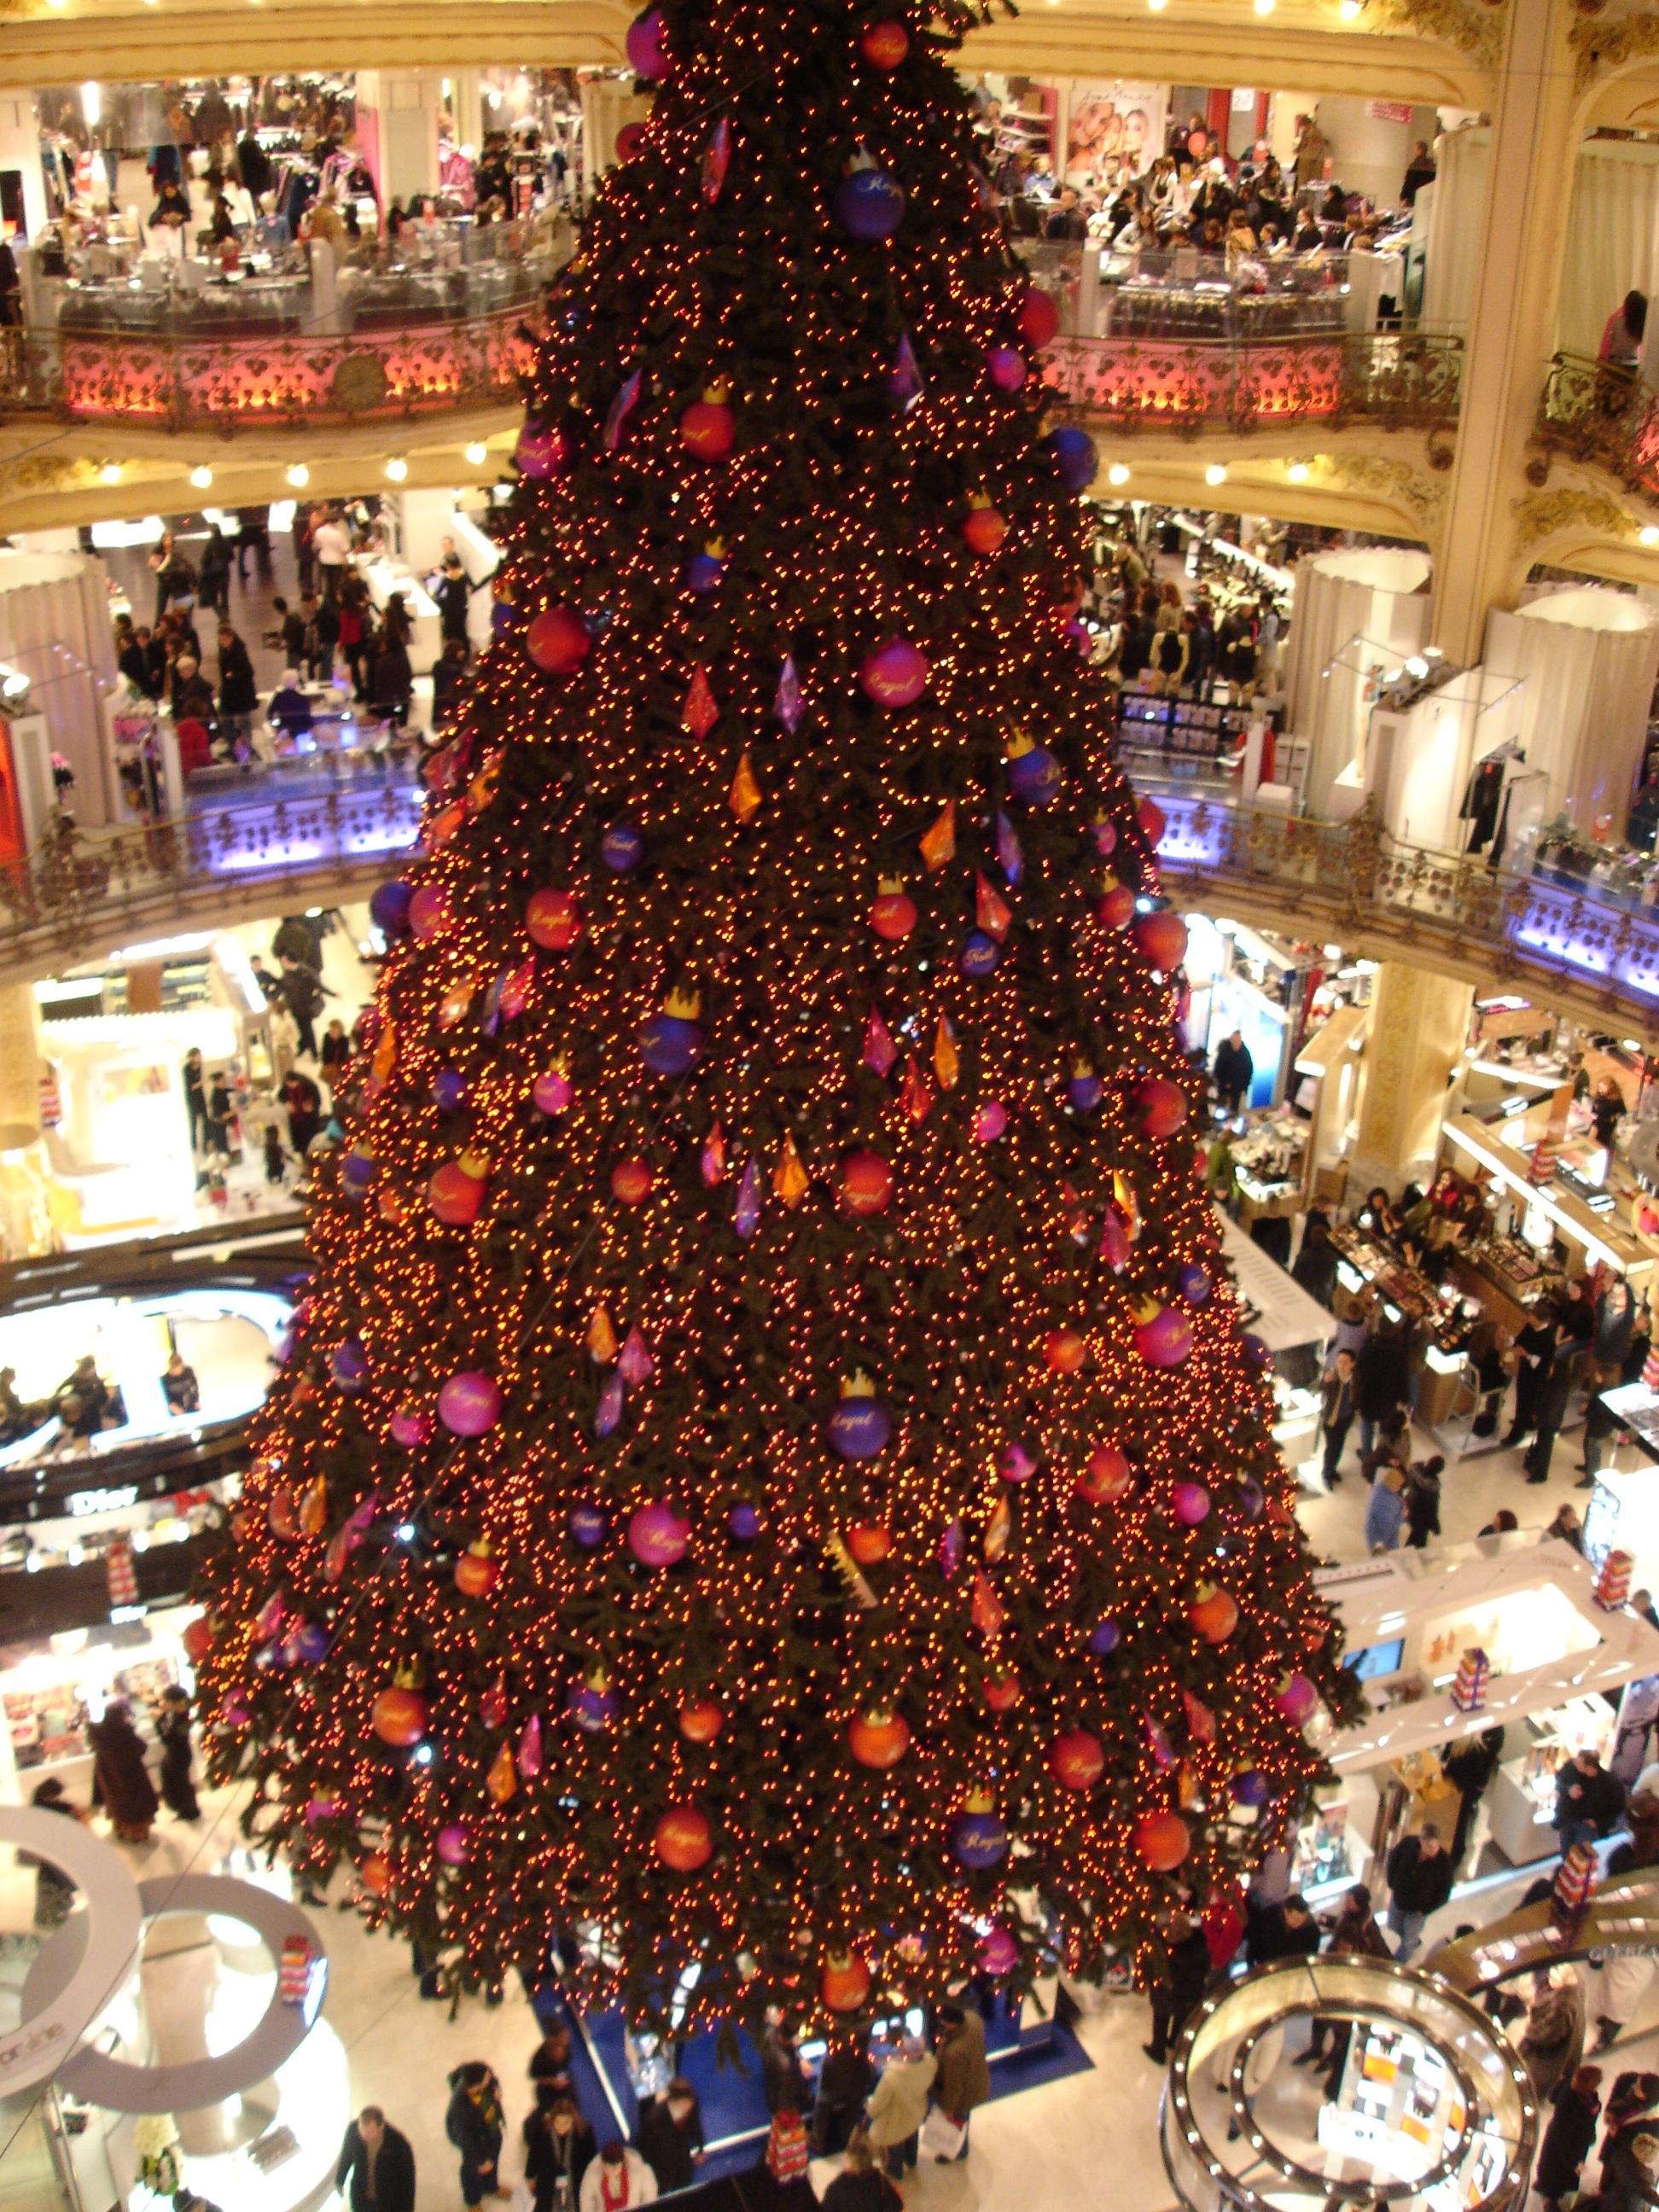 #A83923 File:Paris Galeries Lafayettes Sapin De Noel2 2005 11 28  6926 Deco De Noel Galerie Lafayette 1944x2592 px @ aertt.com